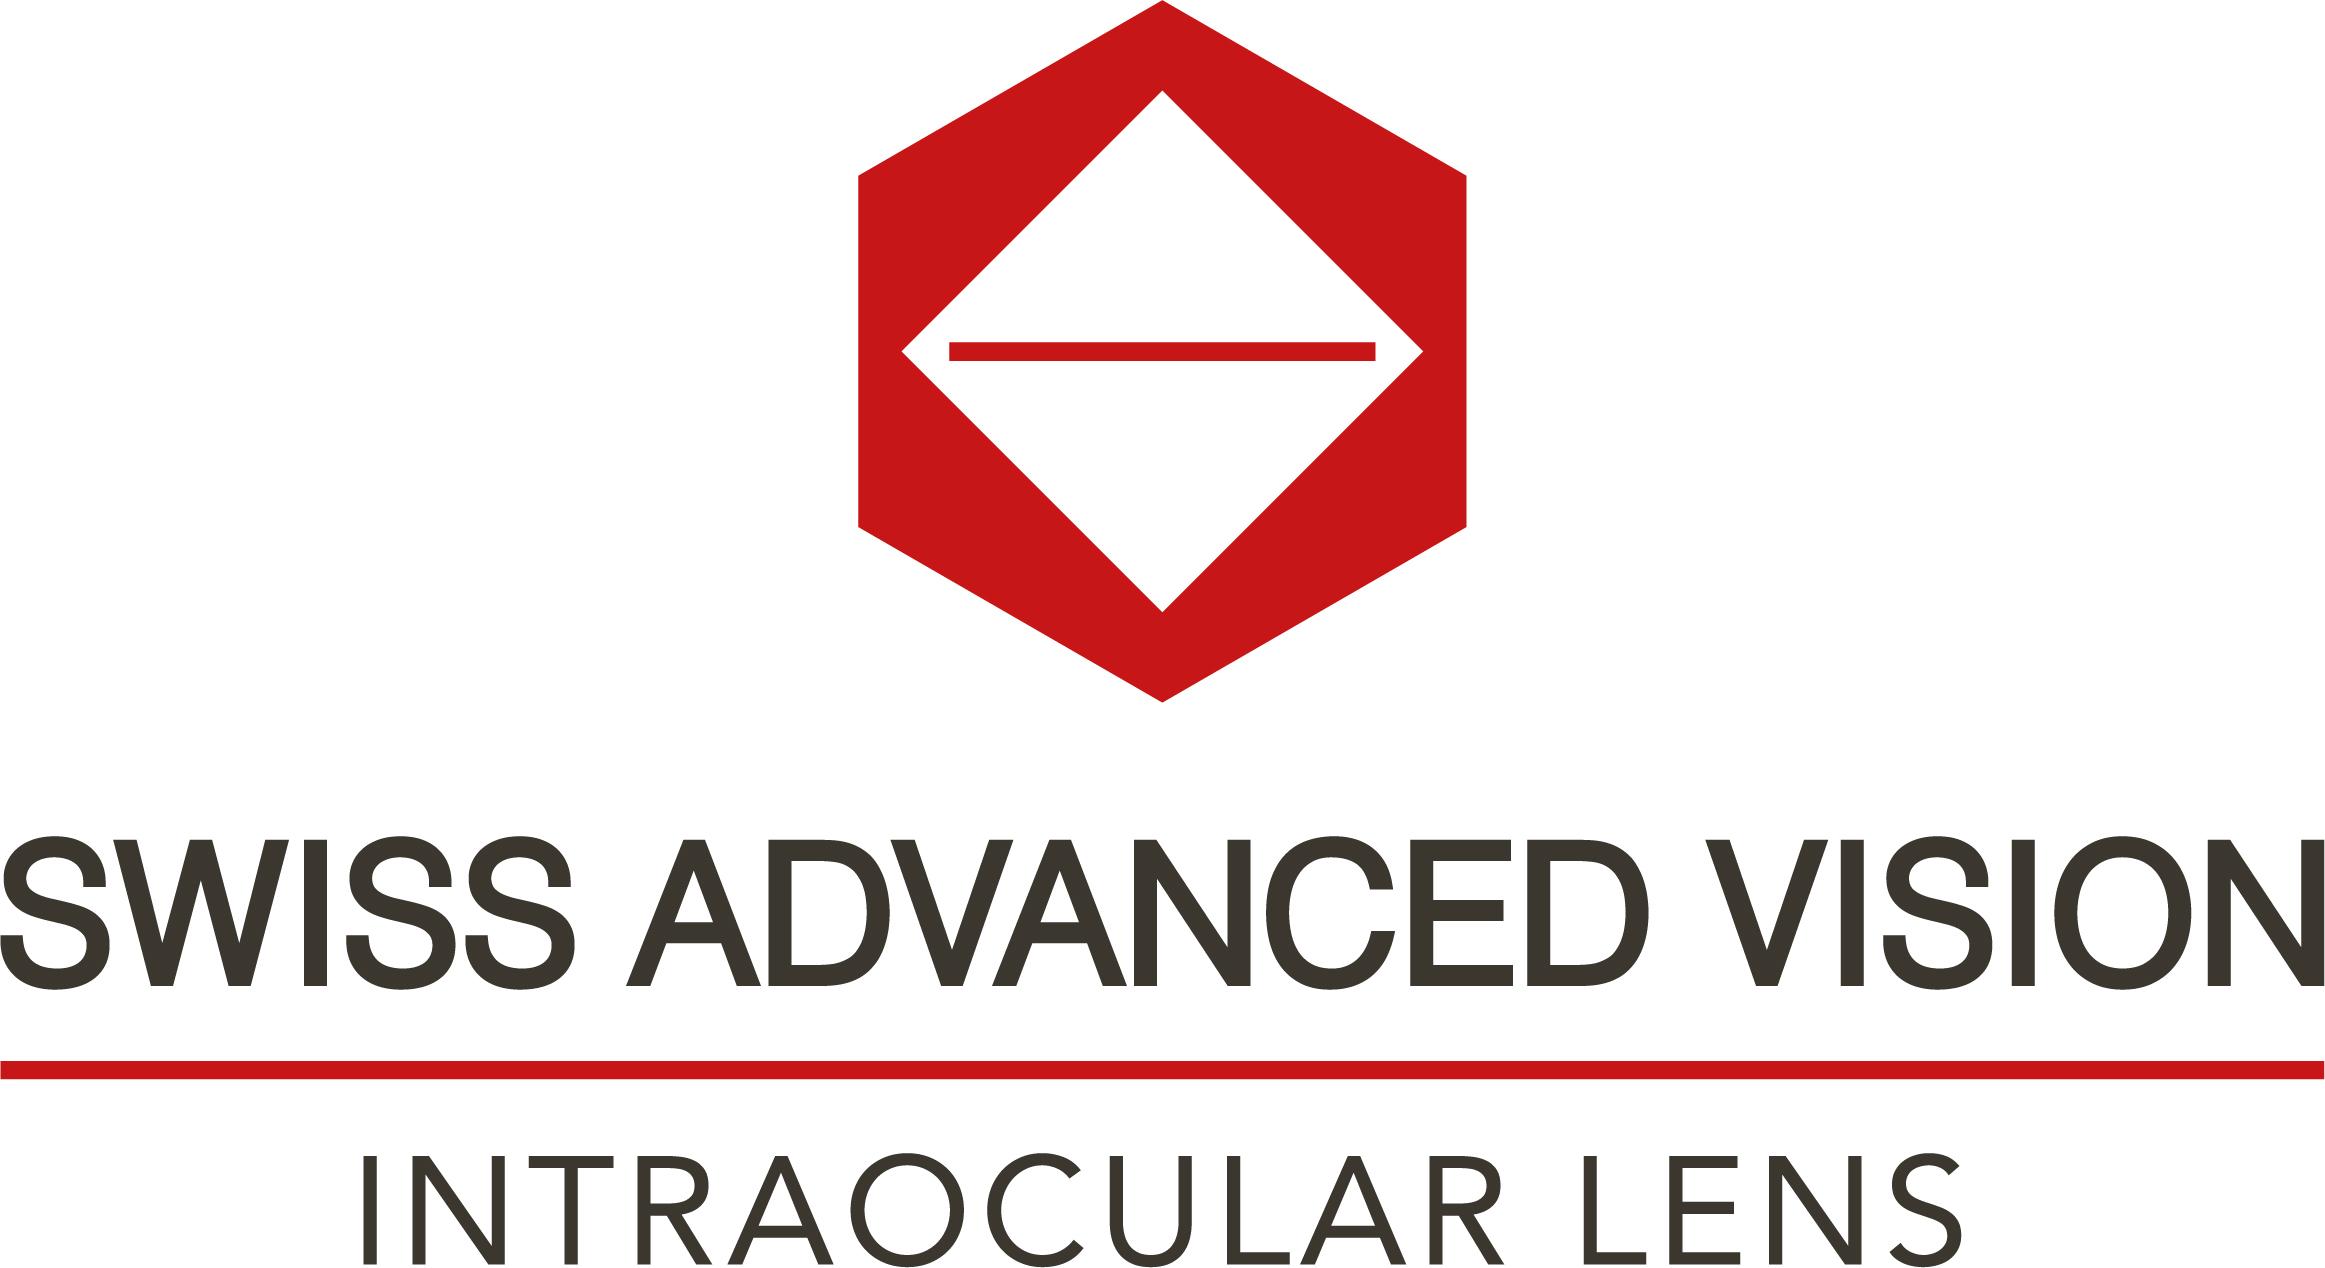 009460b561b1e Duas Novas Lentes Intraoculares Inovadoras EDOF Produzidas nas Suíça para  Cirurgia de Catarata   Business Wire